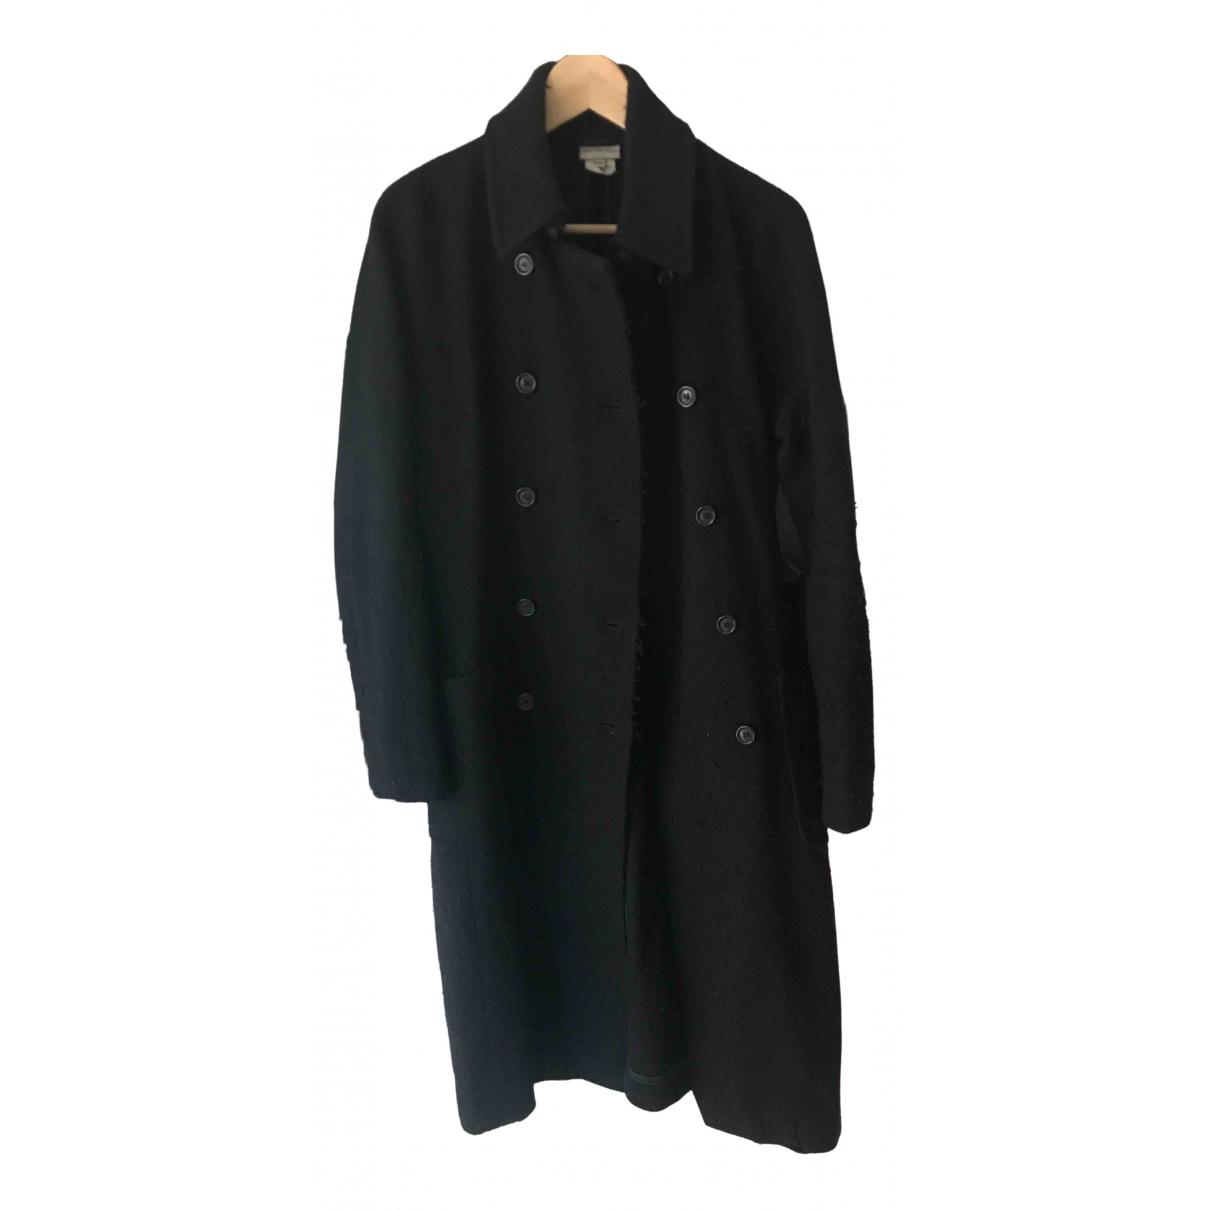 Dries Van Noten - Manteau   pour femme en laine - noir